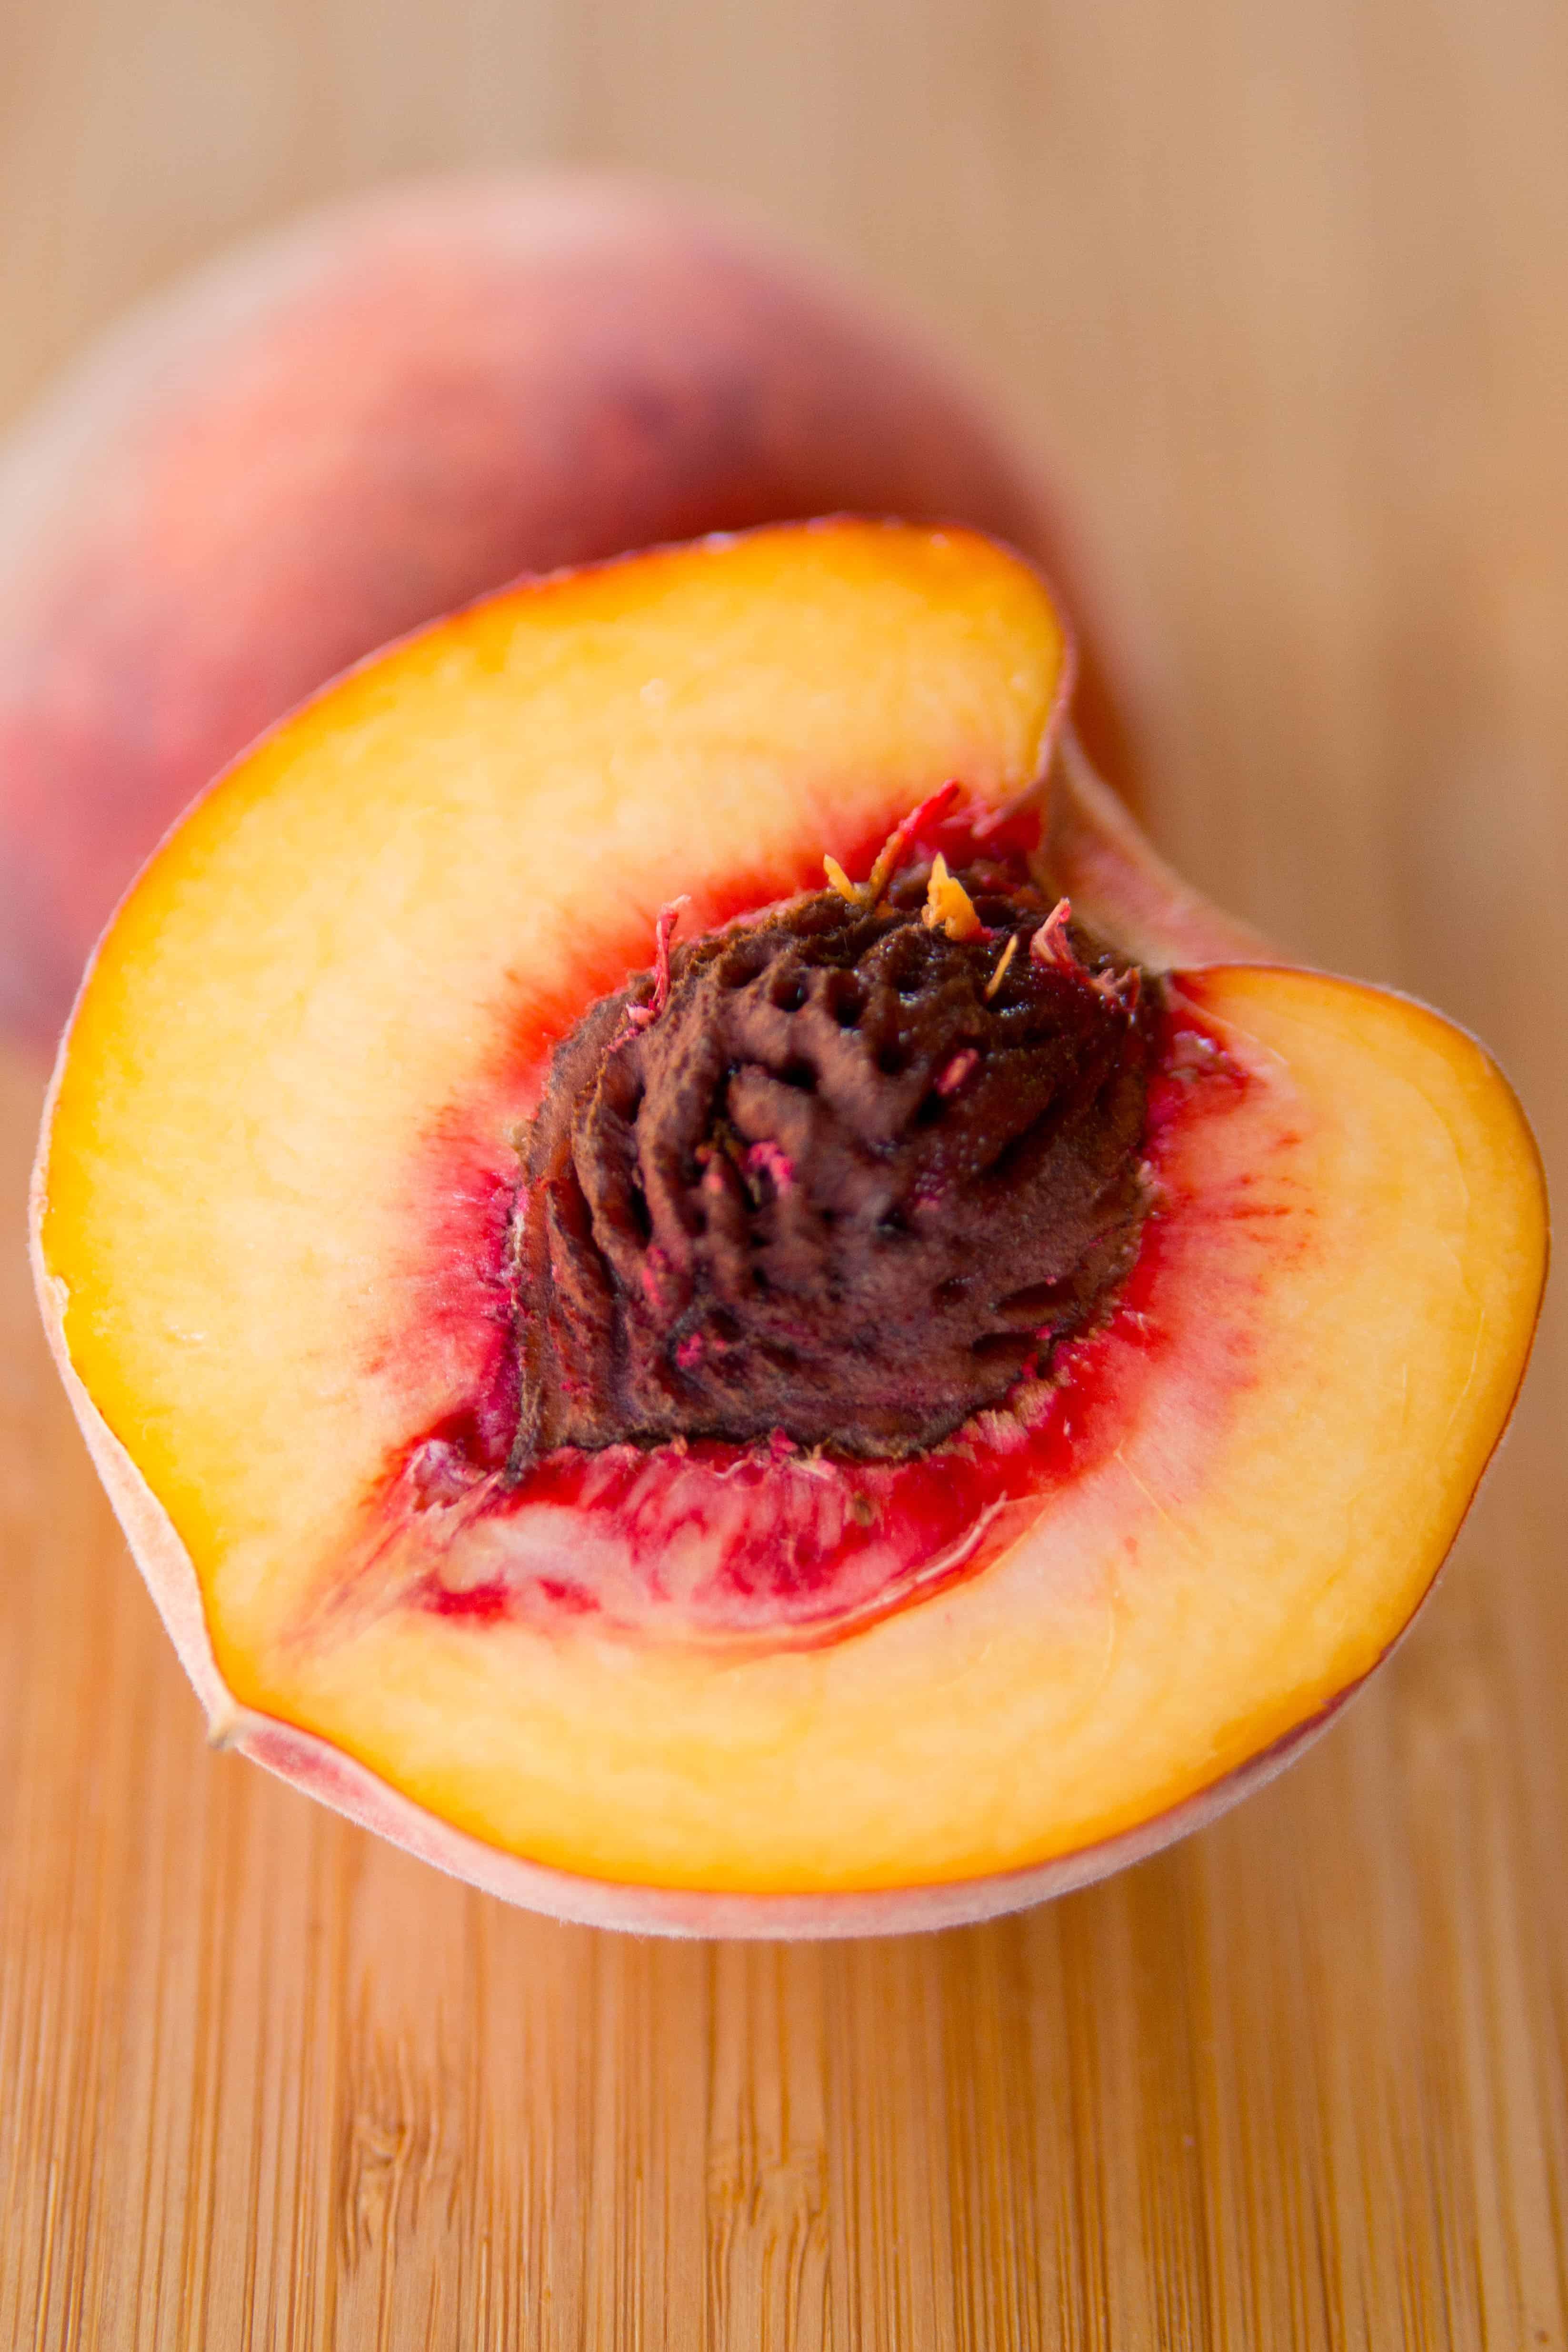 ff-peaches-and-cream-8150